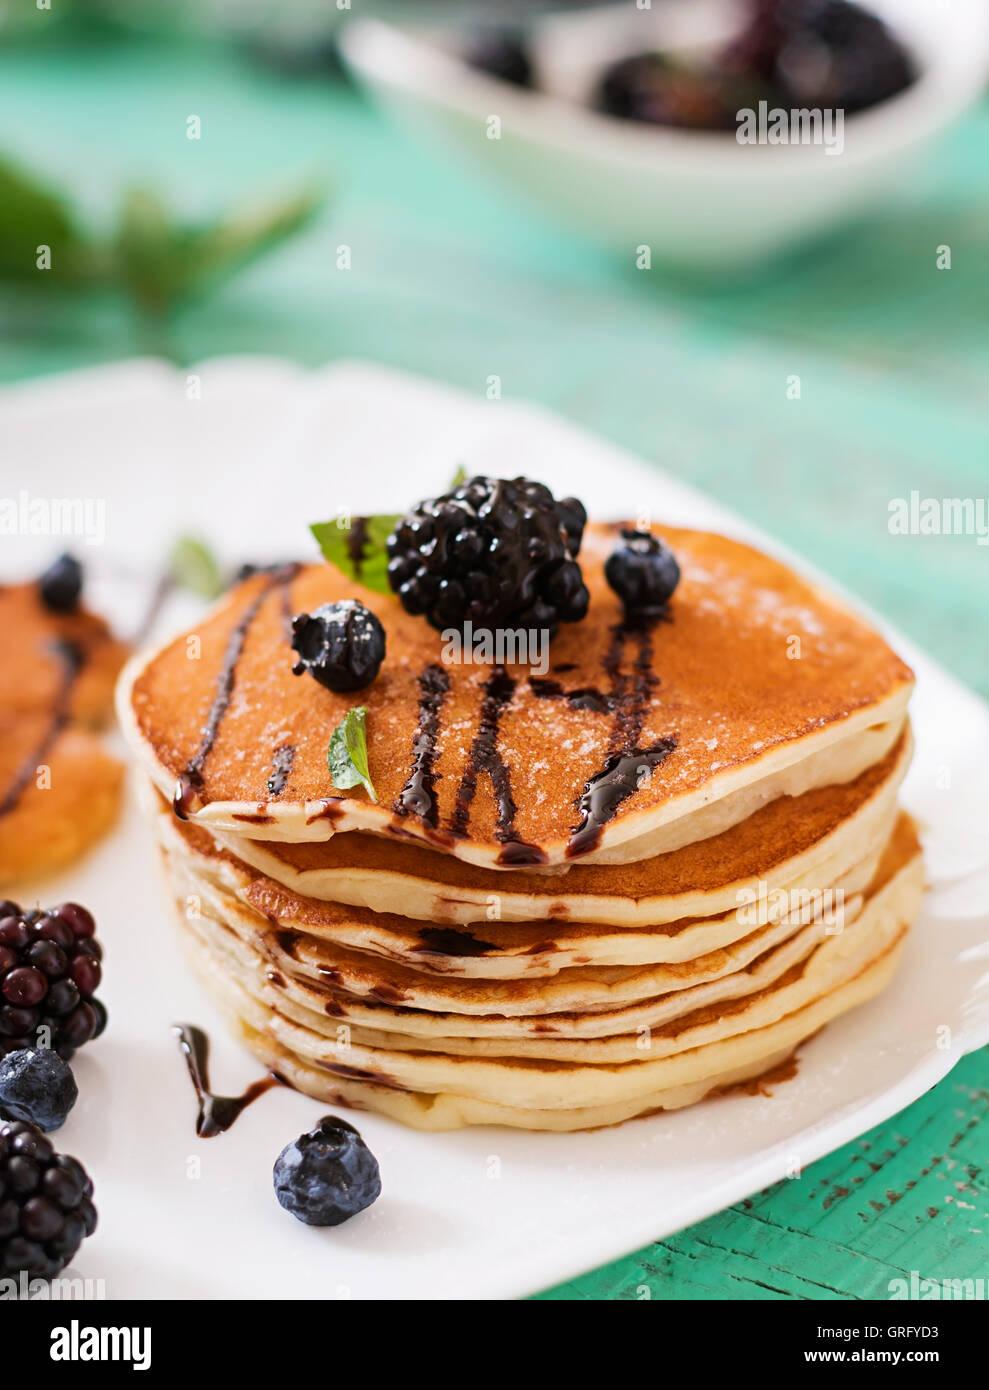 Leckere Pfannkuchen mit Brombeeren und Schokolade. Stockbild